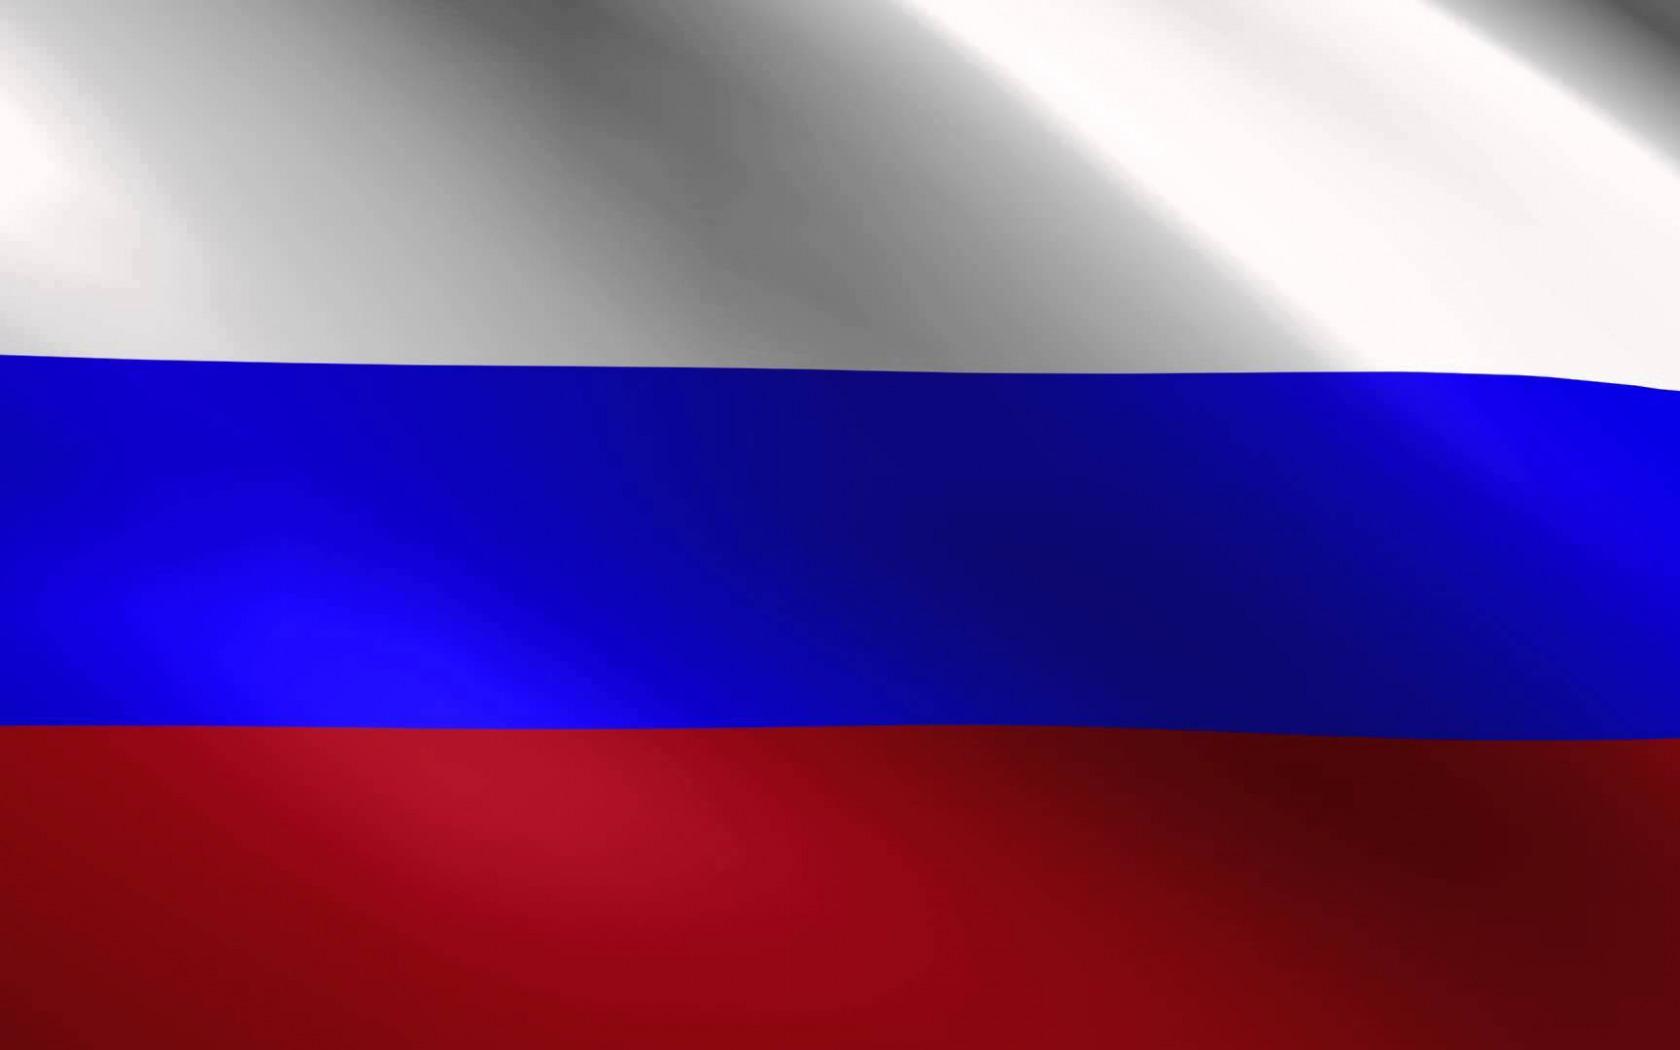 триколор флаг россии фотографии ассортимент